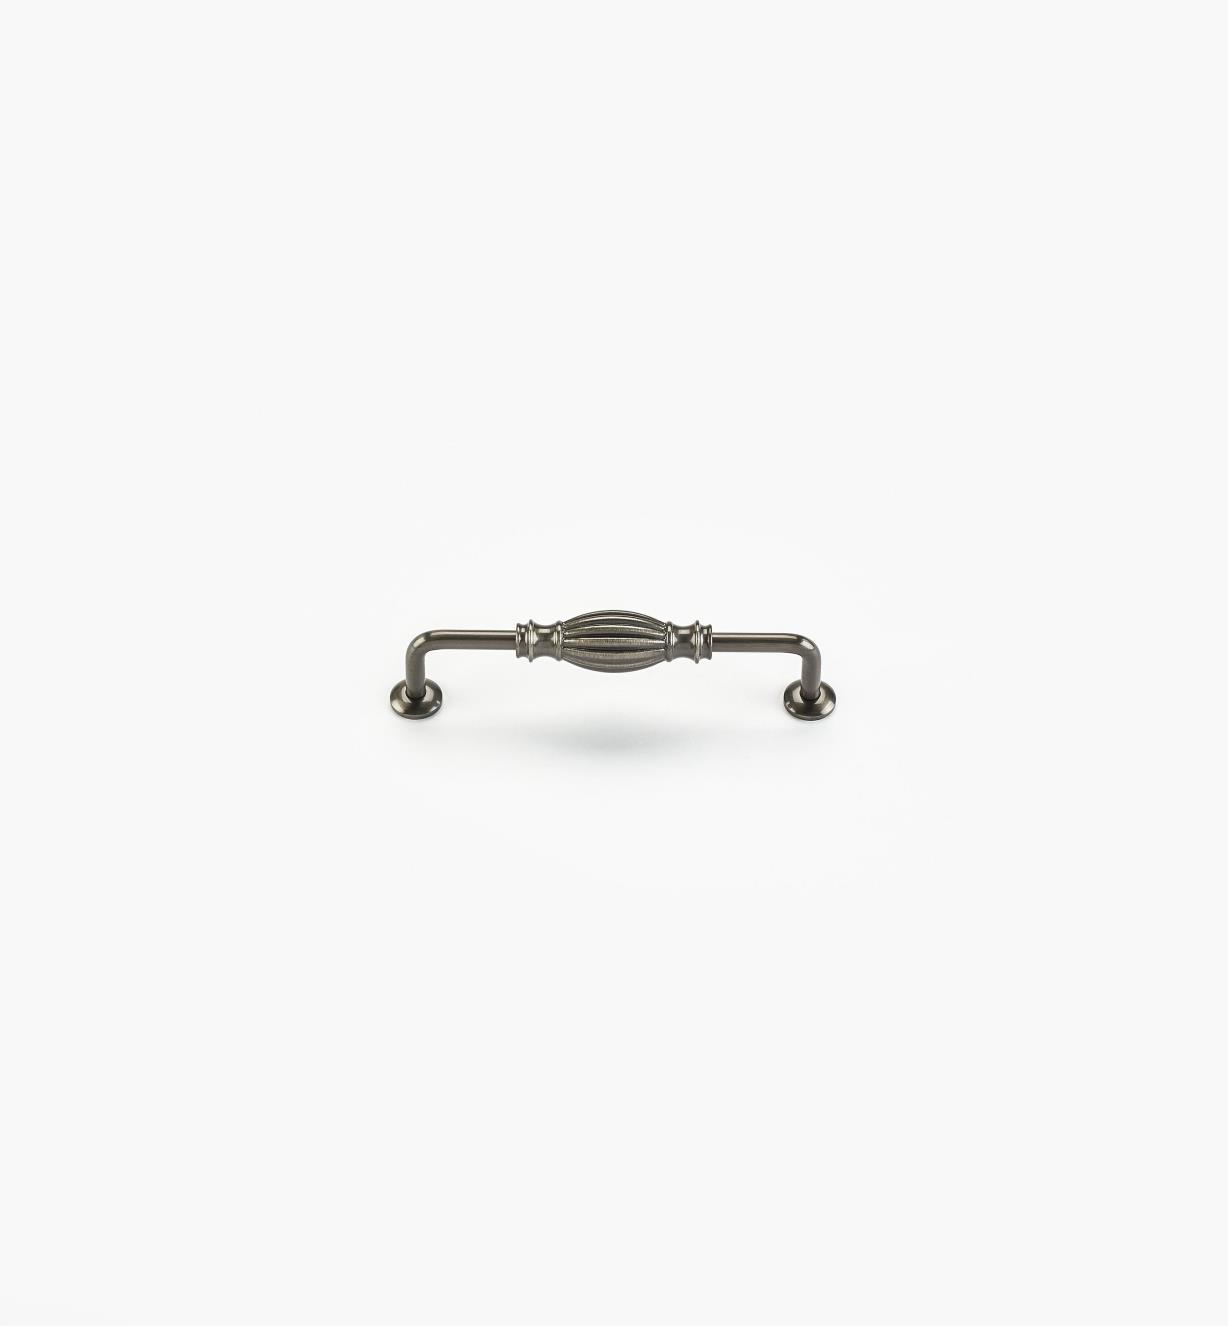 02W4436 - Poignée de 5po, série Olive, fini nickel antique